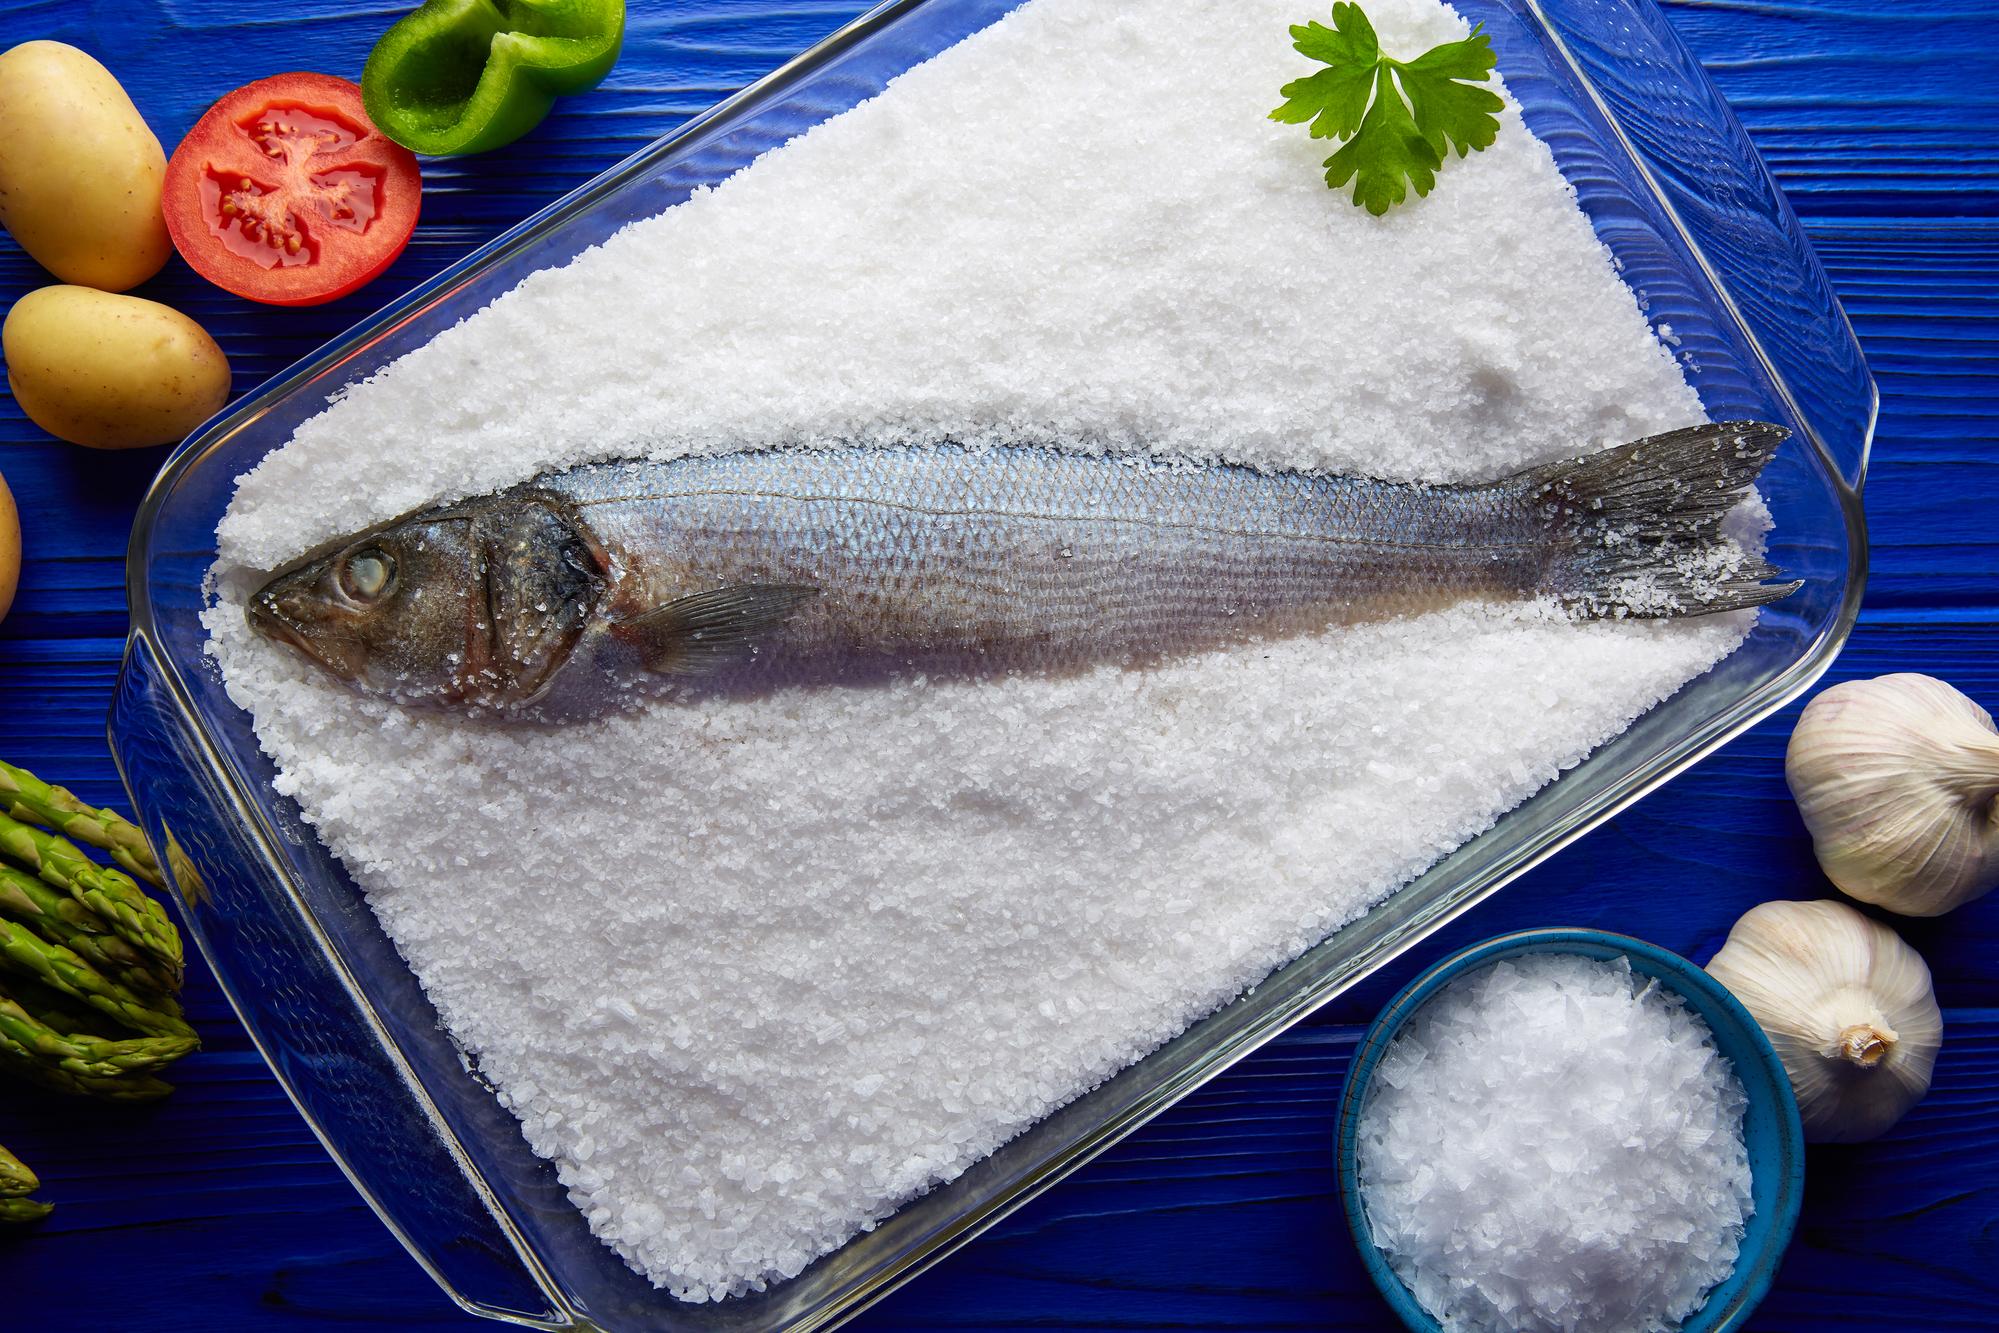 что приготовить из рыбы на новый год 2021